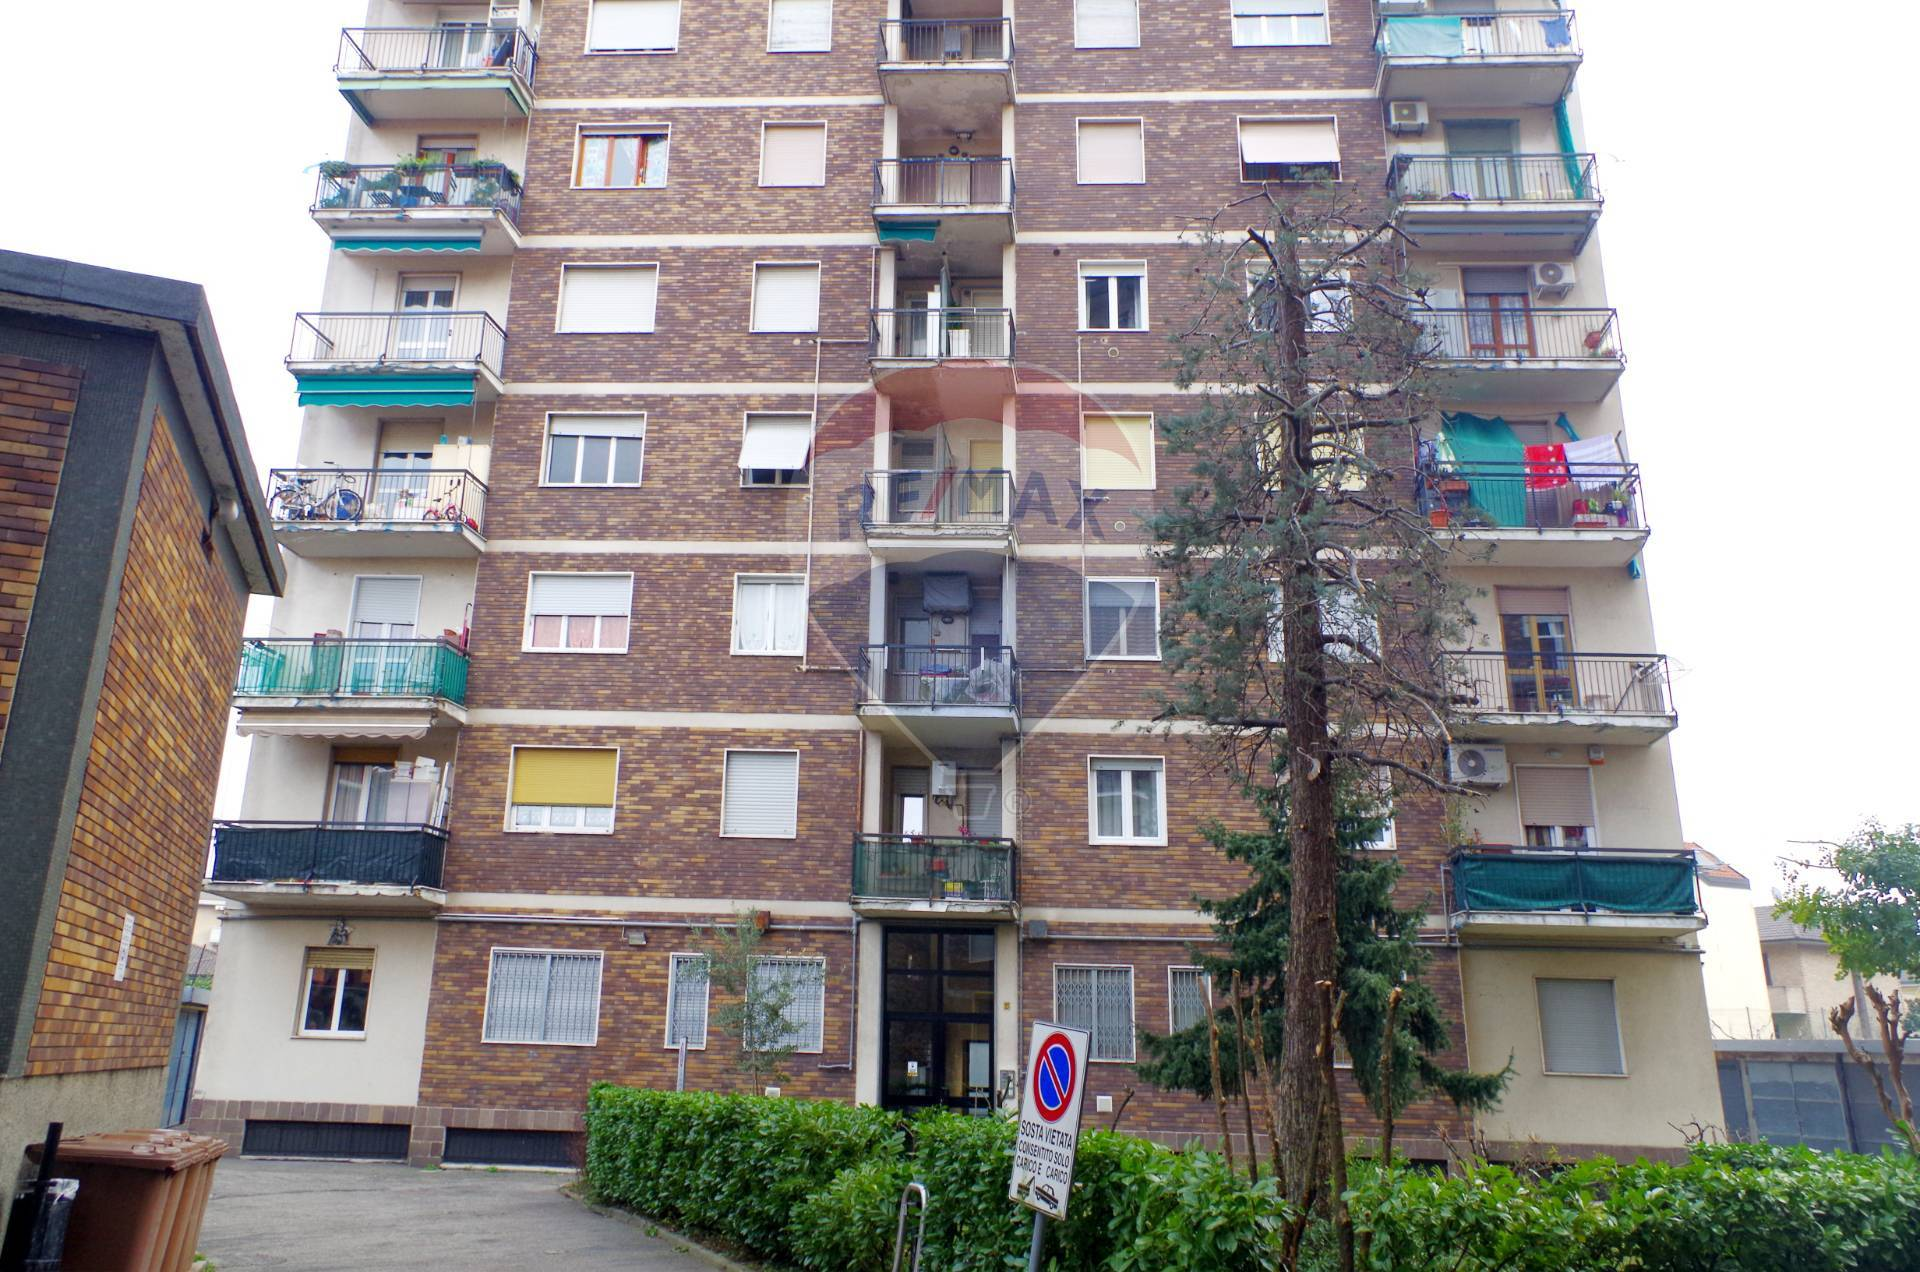 Vendita Monolocale Appartamento Cinisello Balsamo 239525